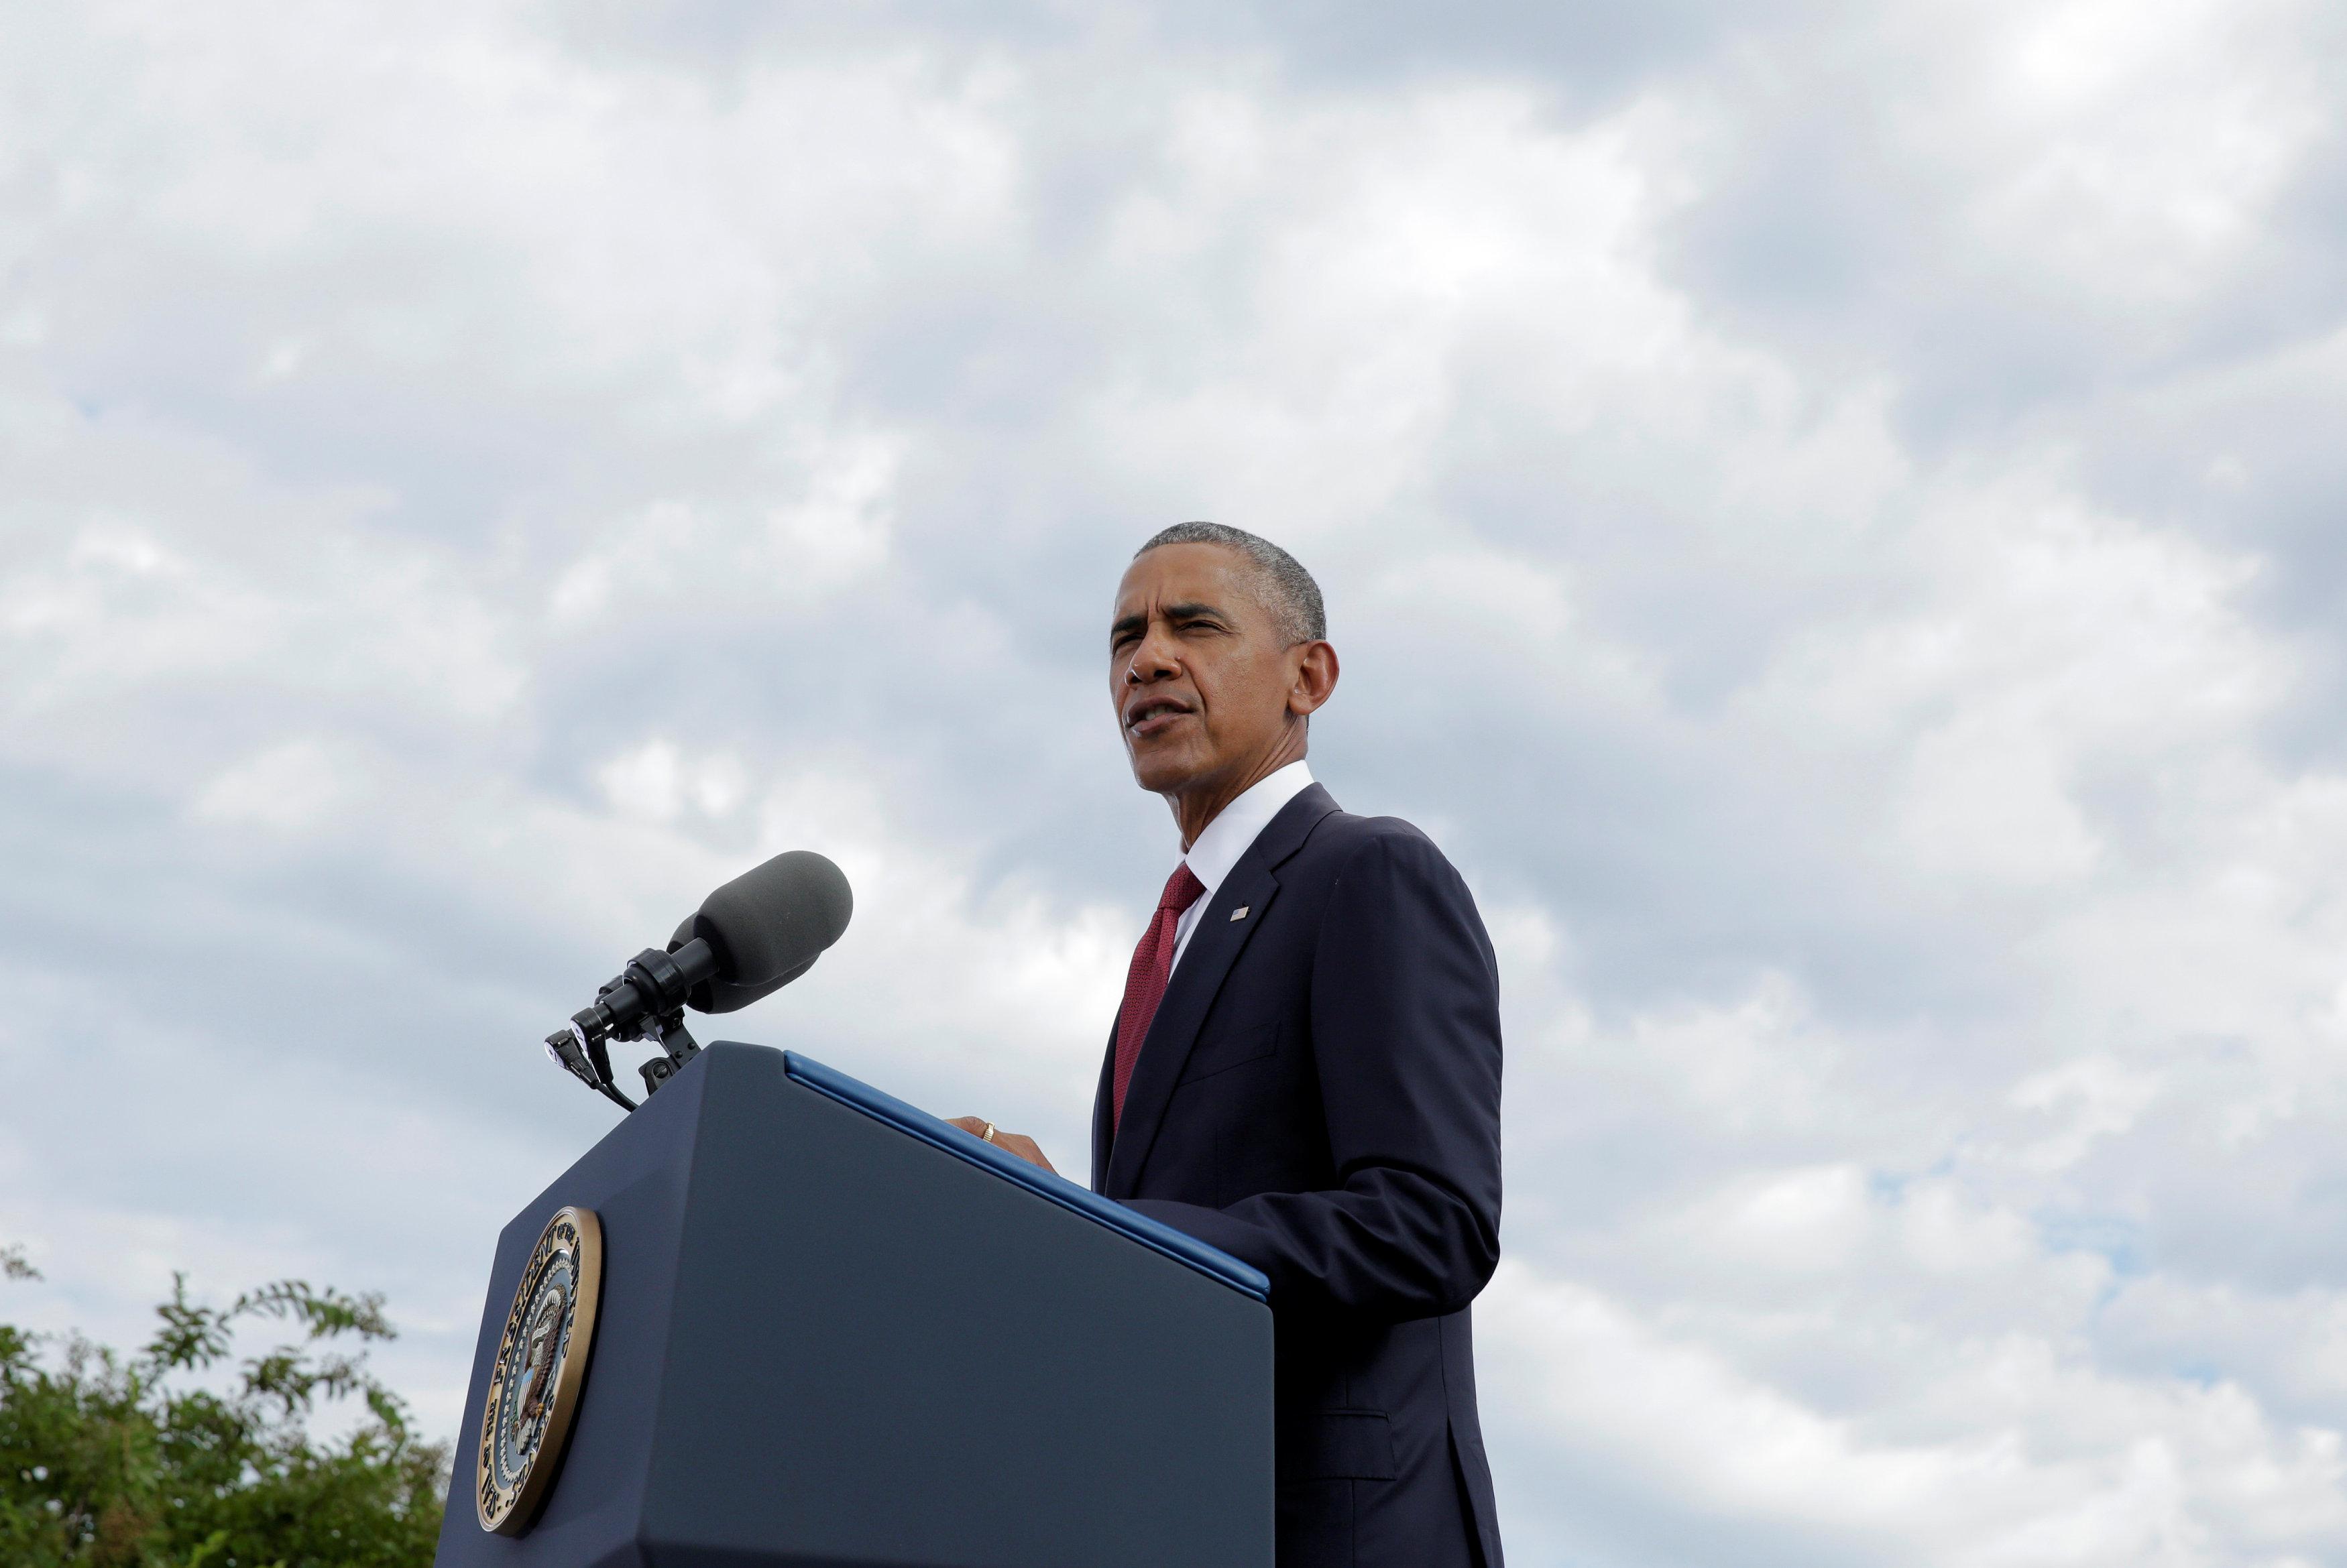 El primer mandatario aseguró que el proyecto de ley aprobado por el congreso eliminaría la inmunidad soberana de otros estados no implicados